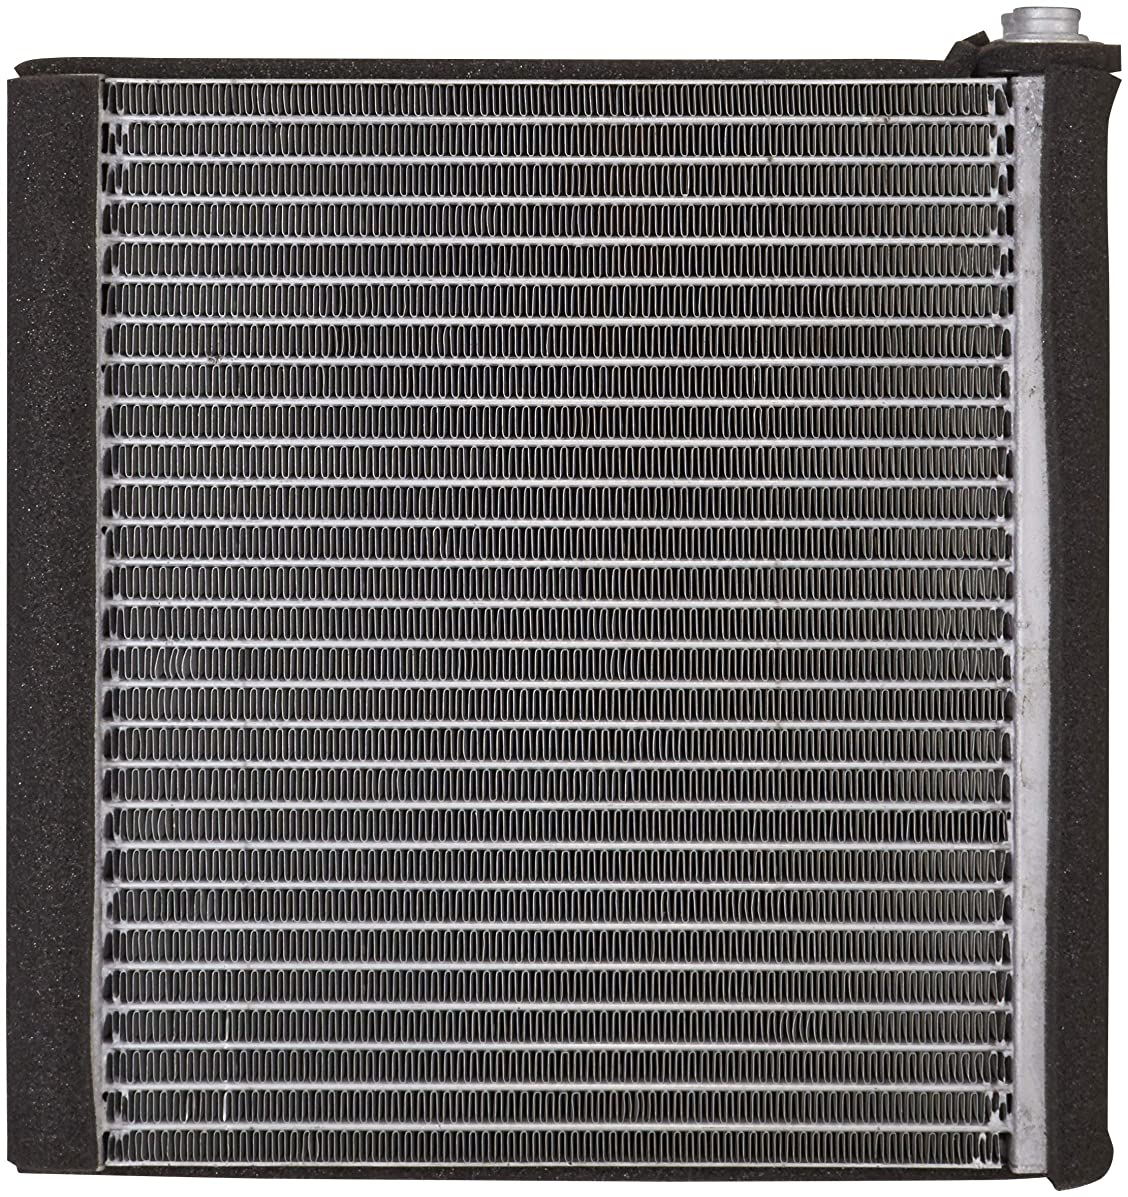 Spectra Premium 1010248 Air Conditioning Evaporator